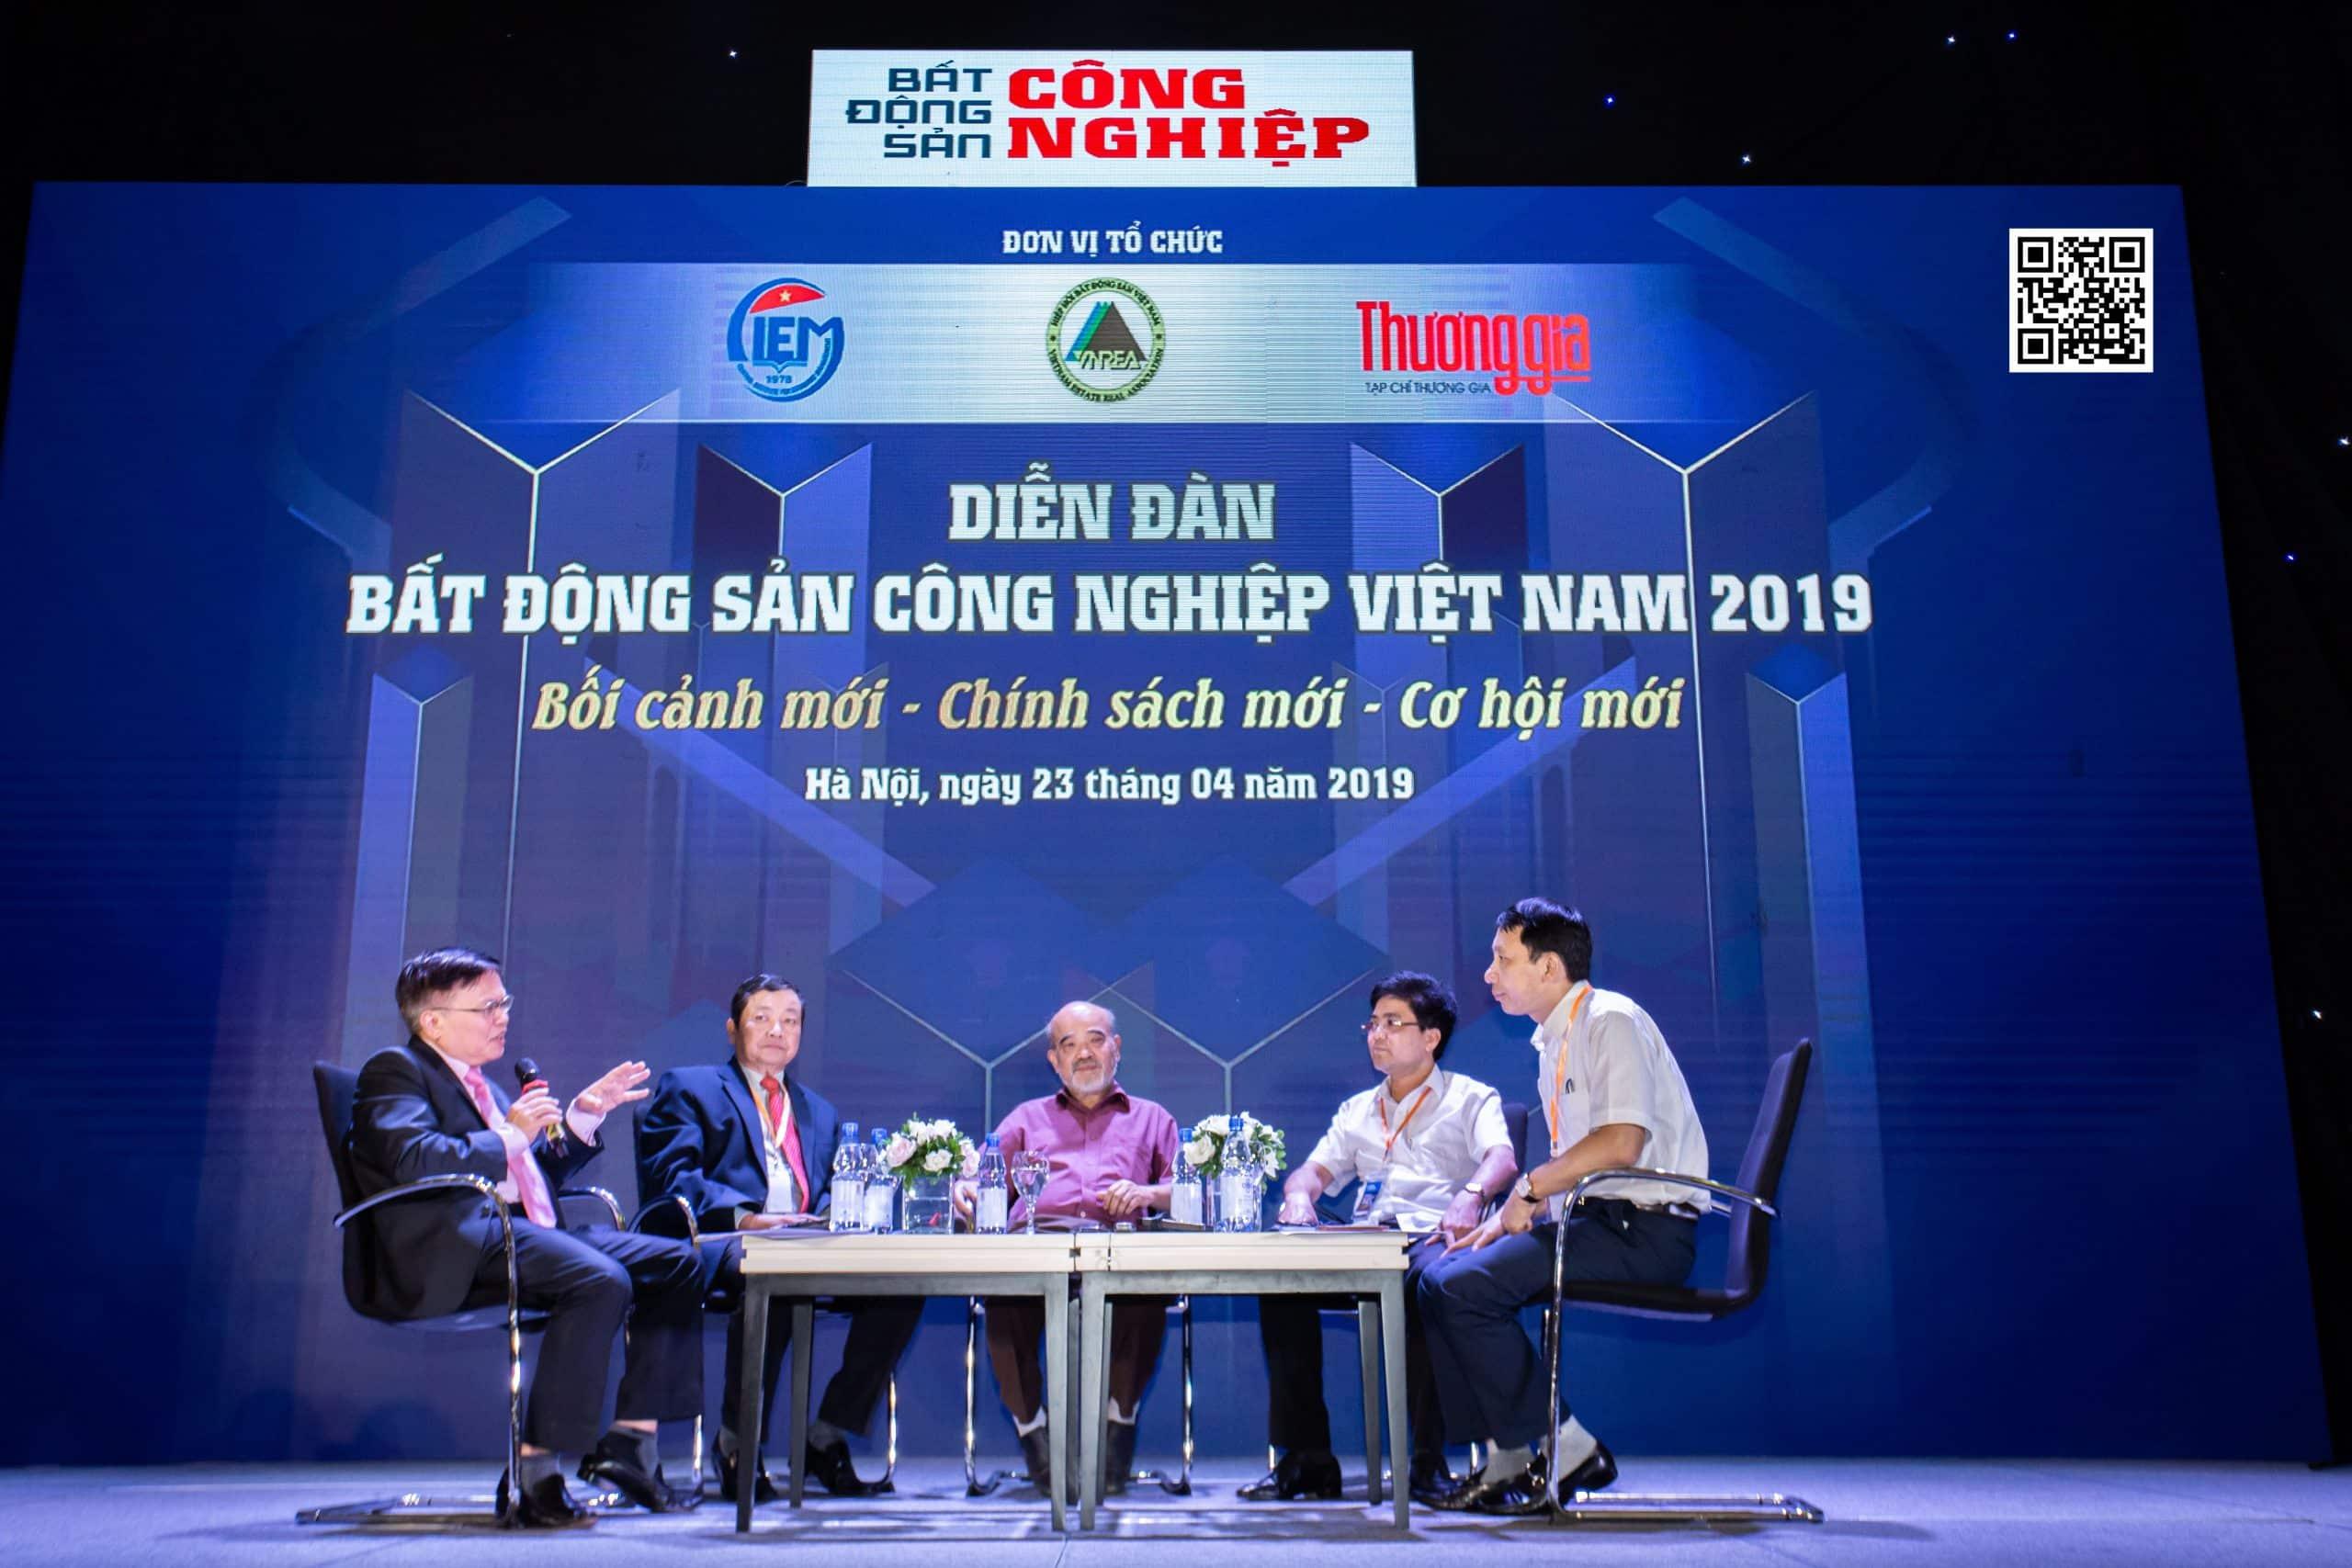 Bat Dong San Cong Nghiep